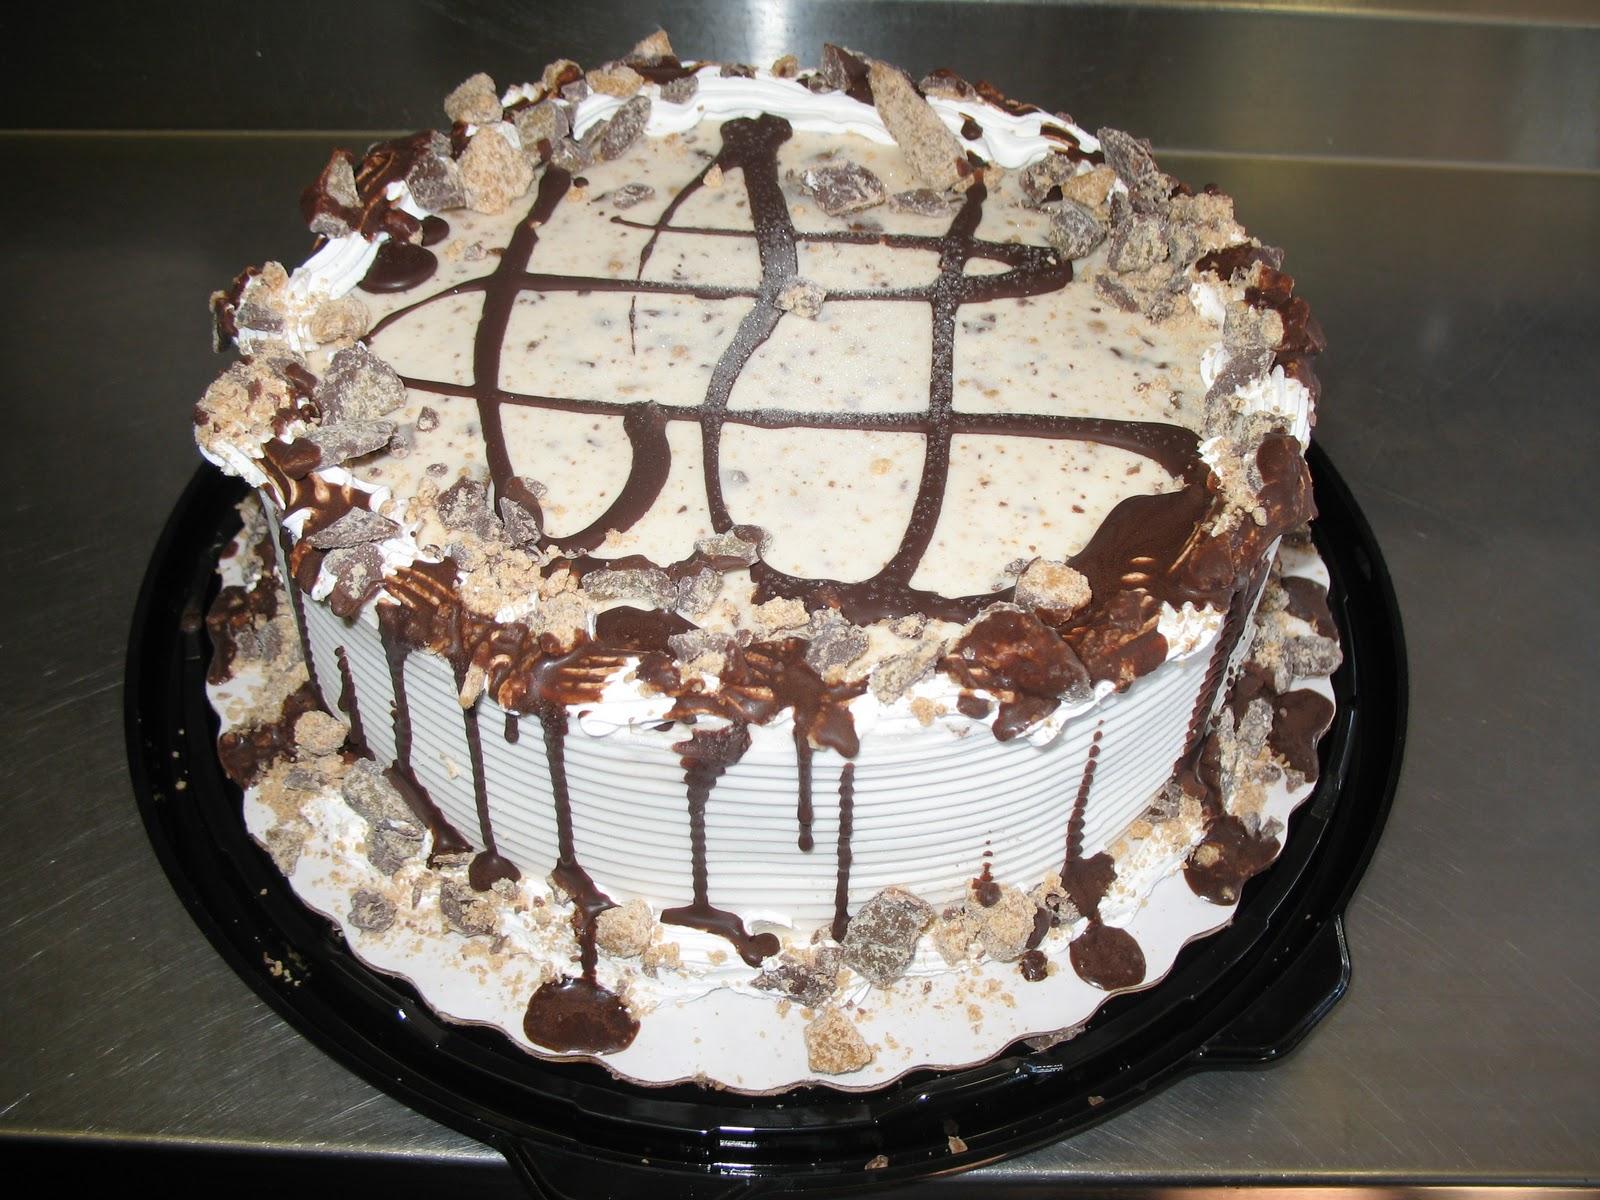 http://3.bp.blogspot.com/_lJAbpAnJjus/TJ-leEAQSOI/AAAAAAAACdU/s4jgNvoYPWM/s1600/blizzard+cake.JPG